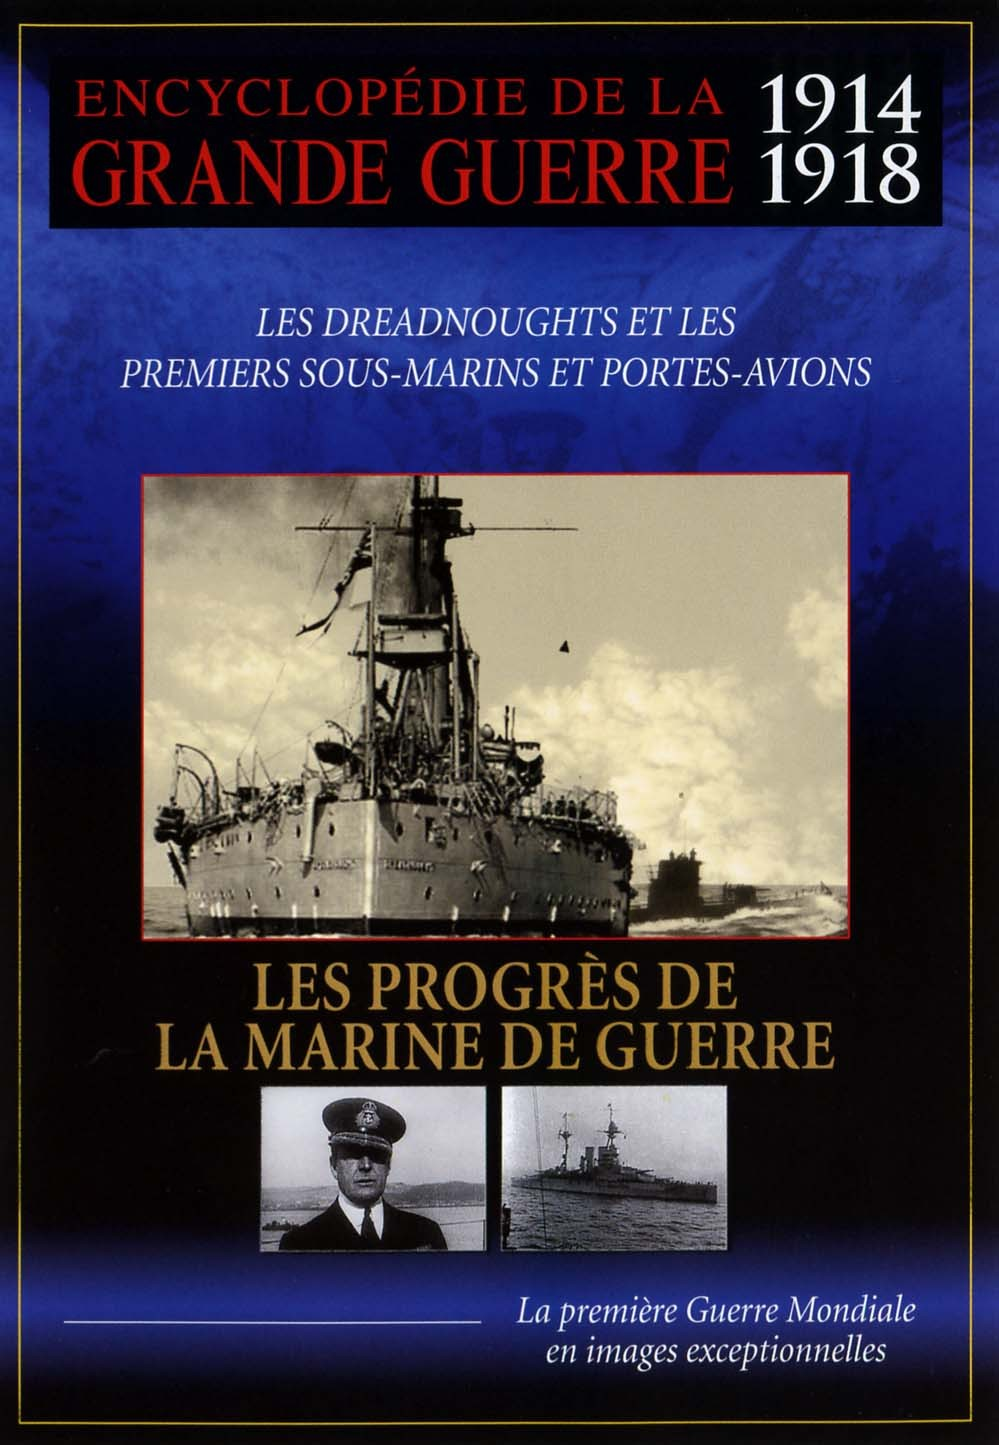 PROGRES MARINE DE GUERRE - DVD  ENCYCLOPEDIE GRDE GUERRE 14-18